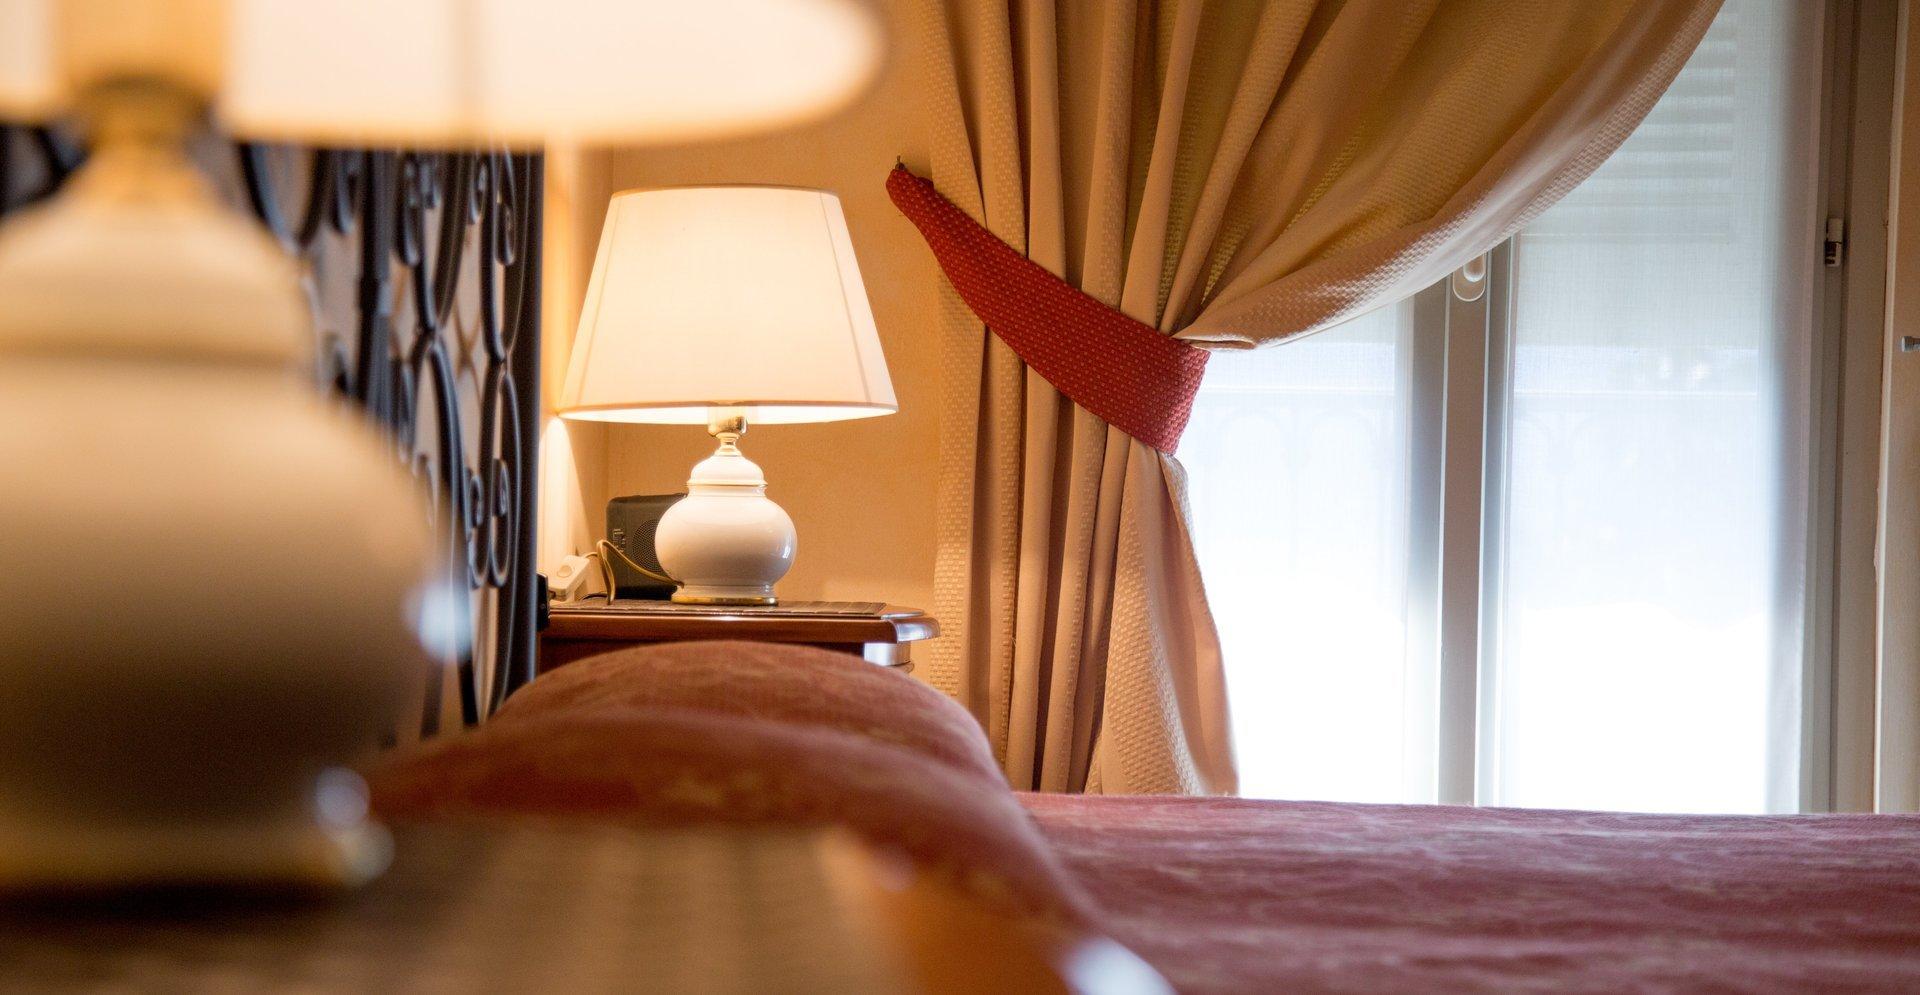 stanza di albergo, letto, tende e lampade